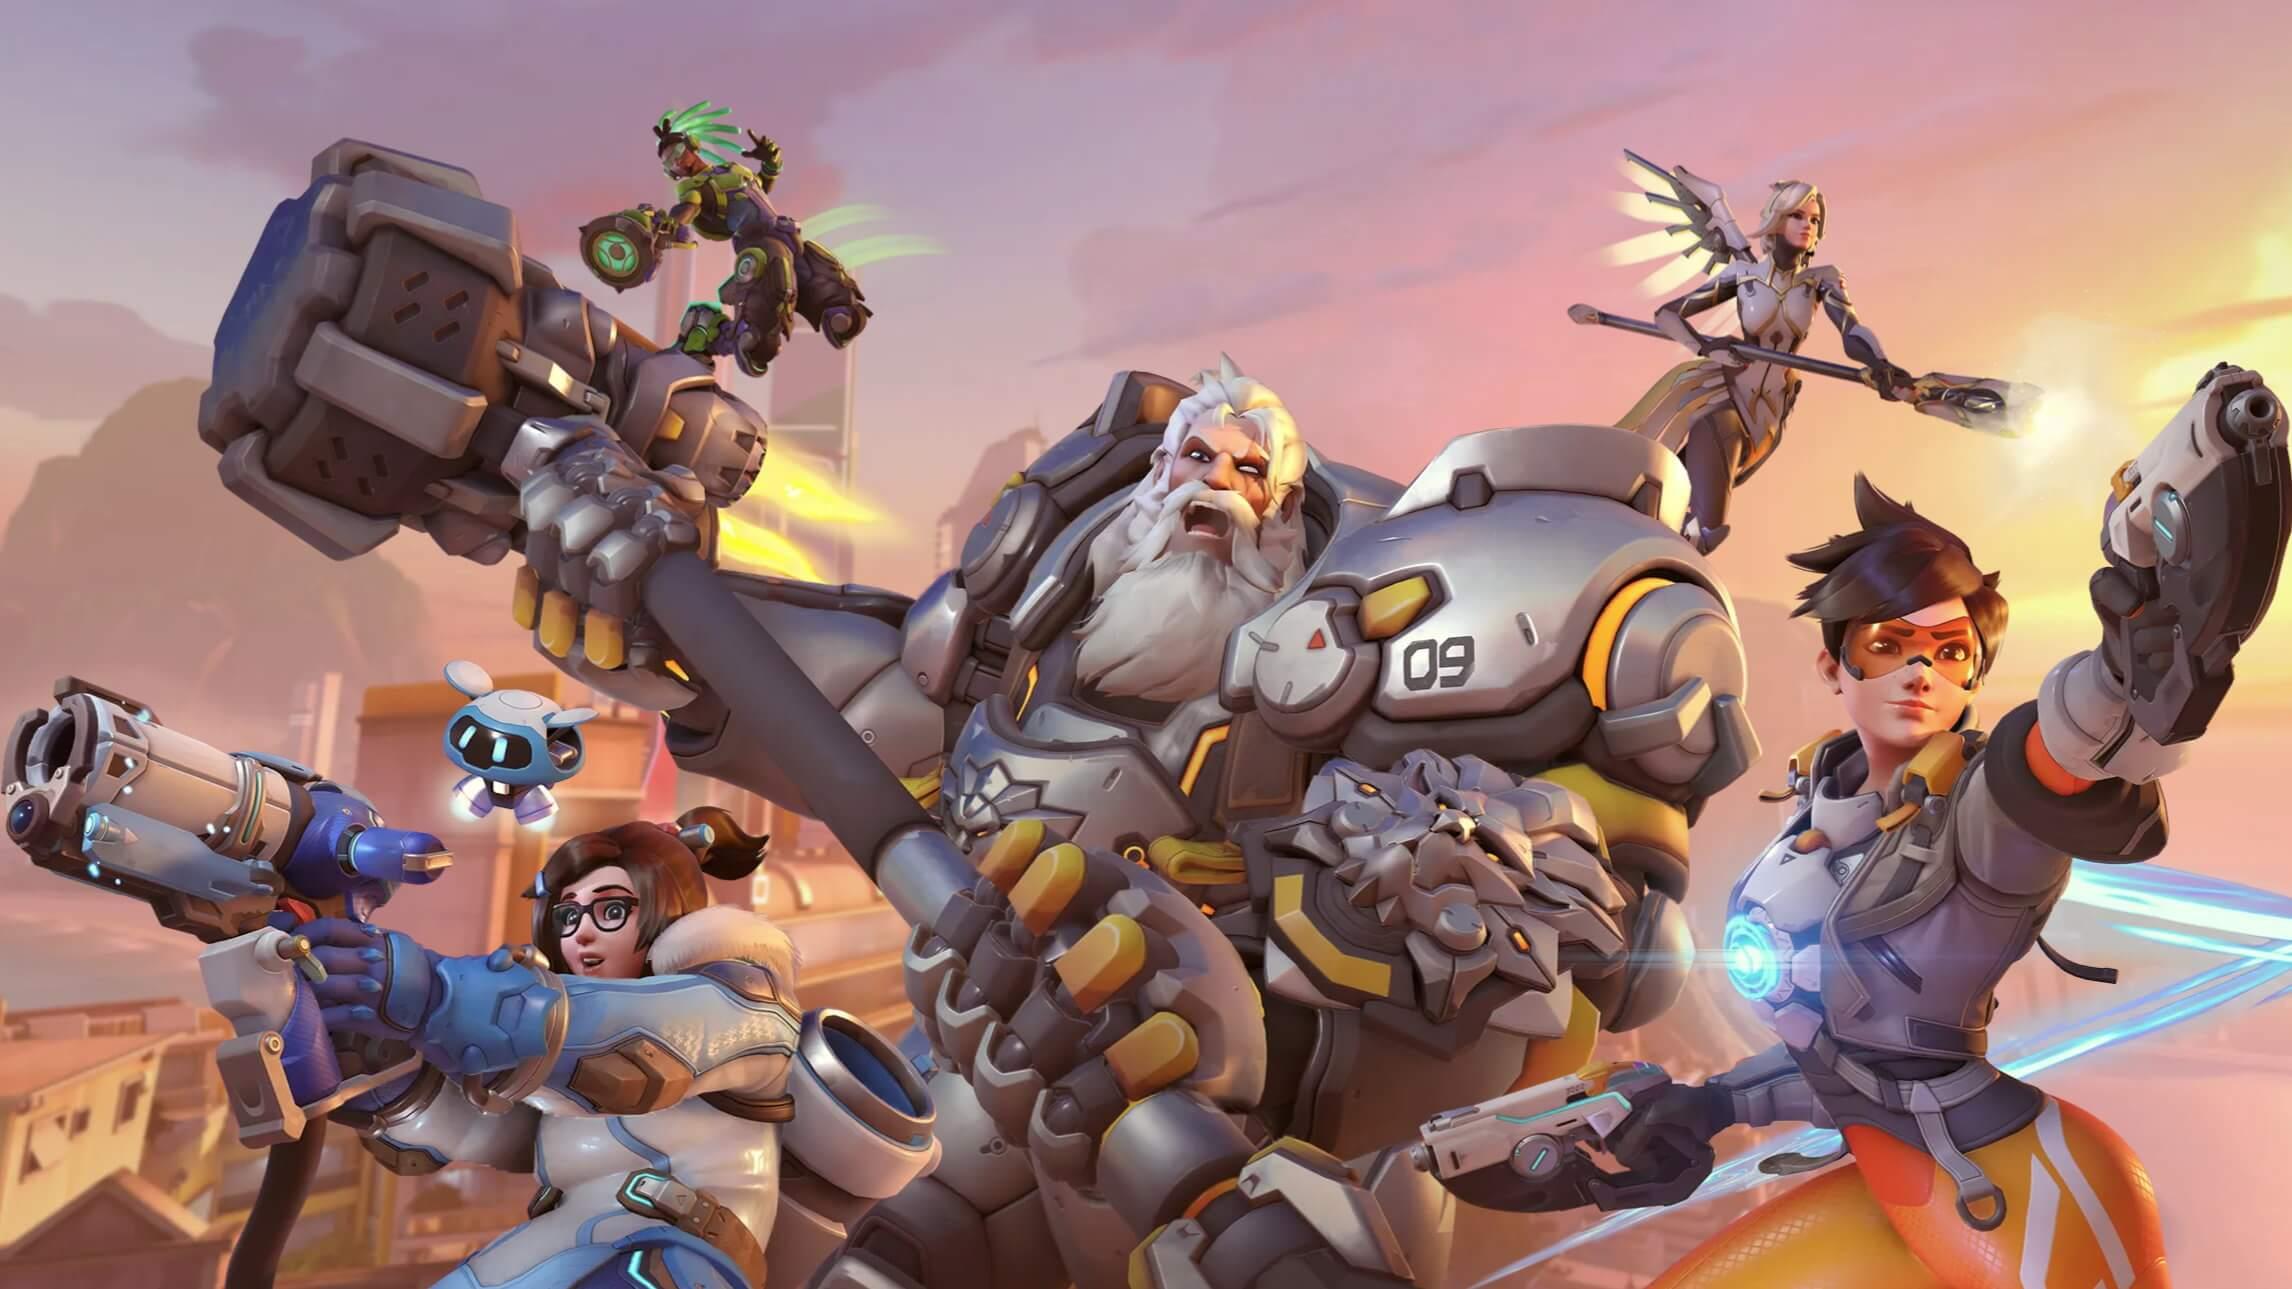 Blizzard confirma que habrán novedades de Overwatch 2 en la BlizzCon de Febrero